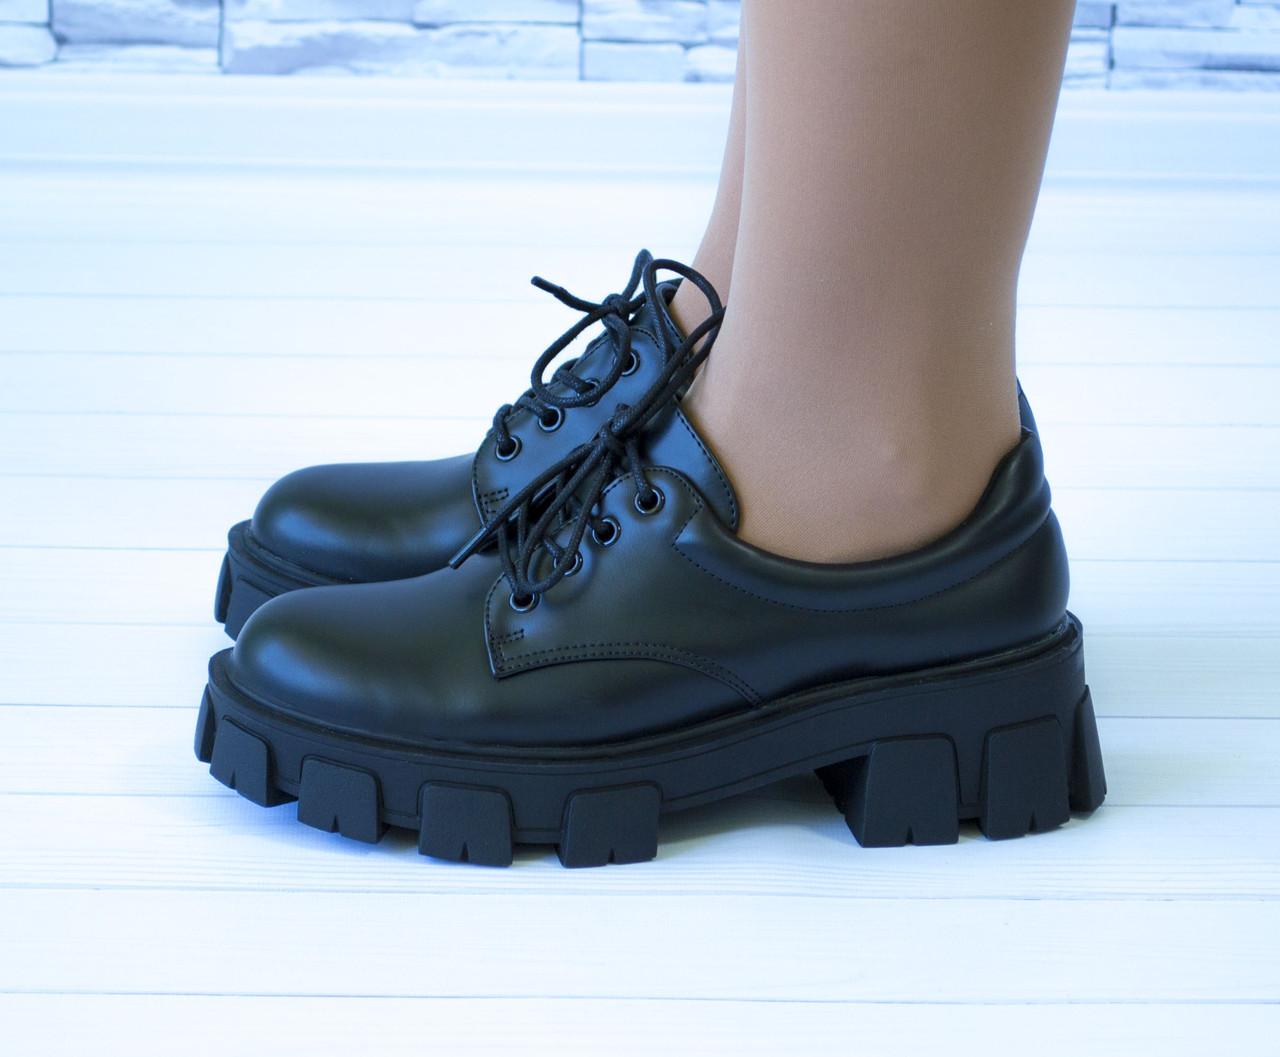 Туфли мартинсы черные стильные женские эко кожа на шнурках